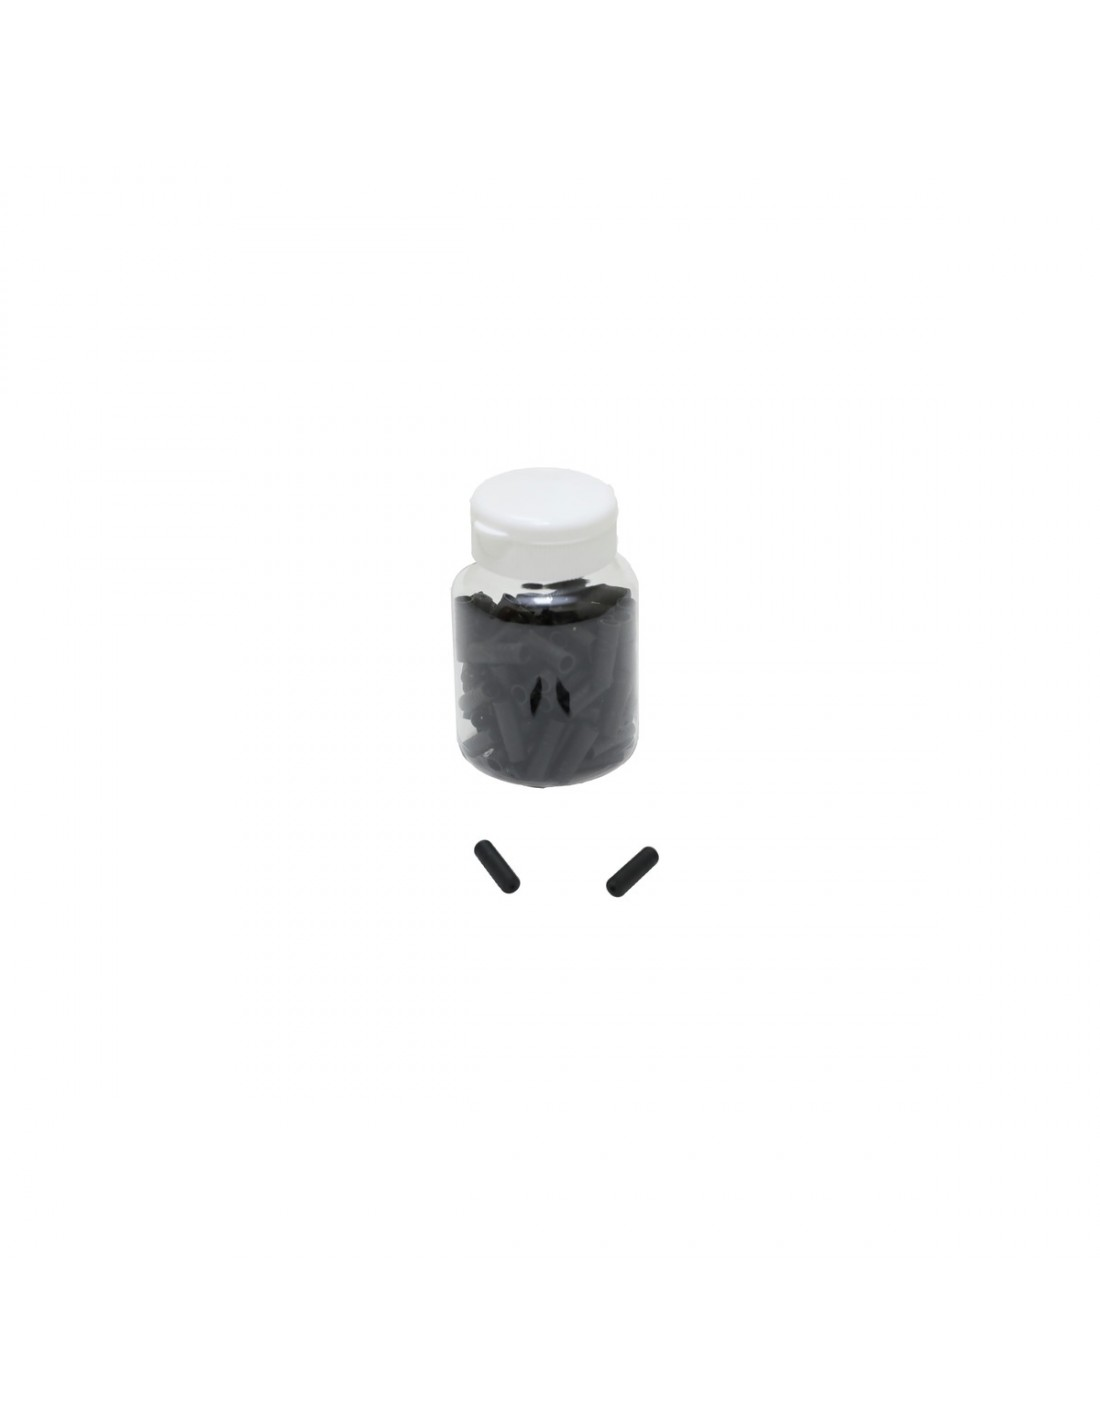 Diverse tilbehør Agilo Endehylse for strømpe 4mm Plast 100stk YBA-1401-F 249 kr